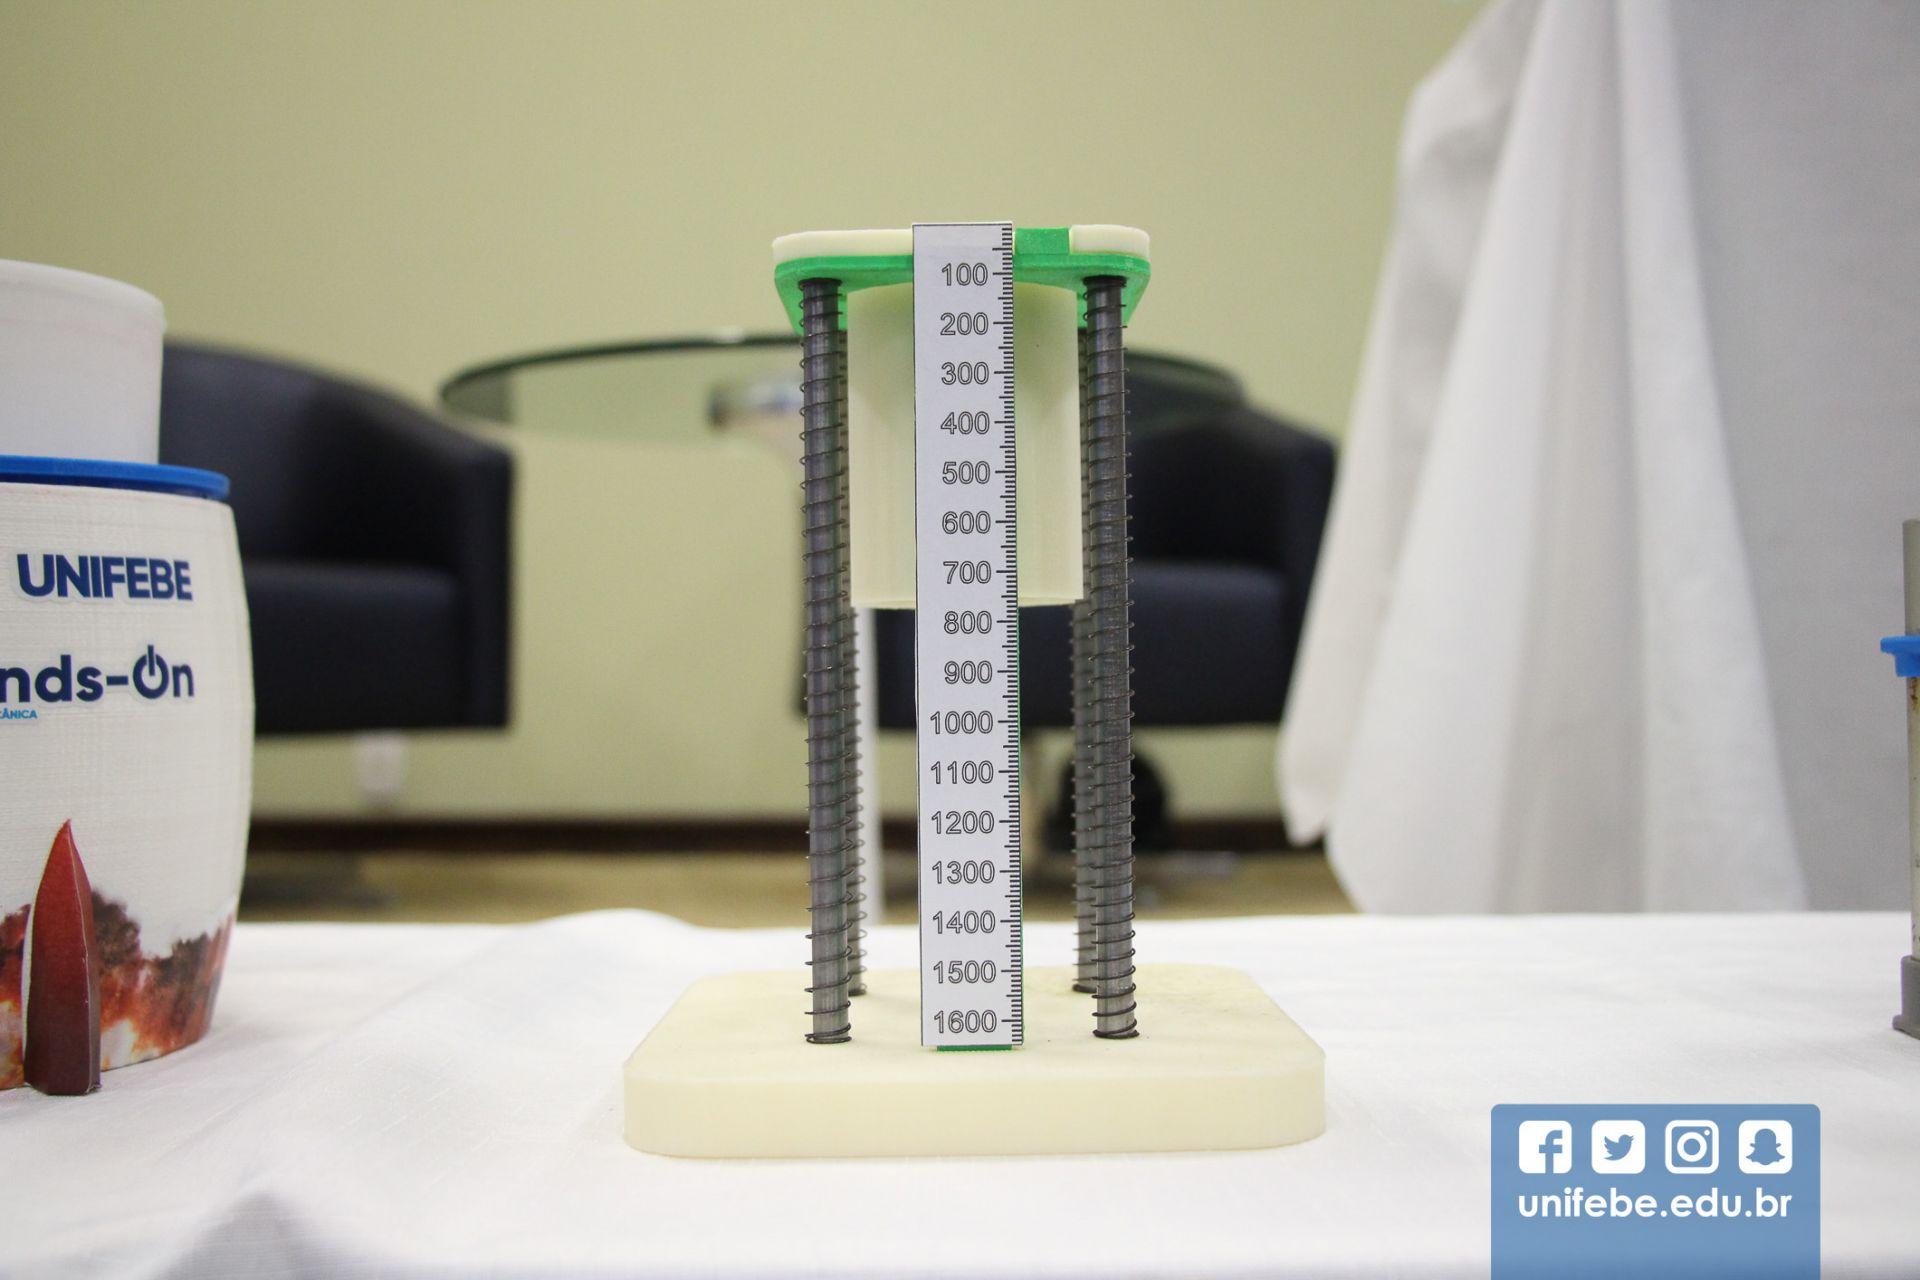 Empresa de tecnologia documenta projeto do laboratório de impressão 3D